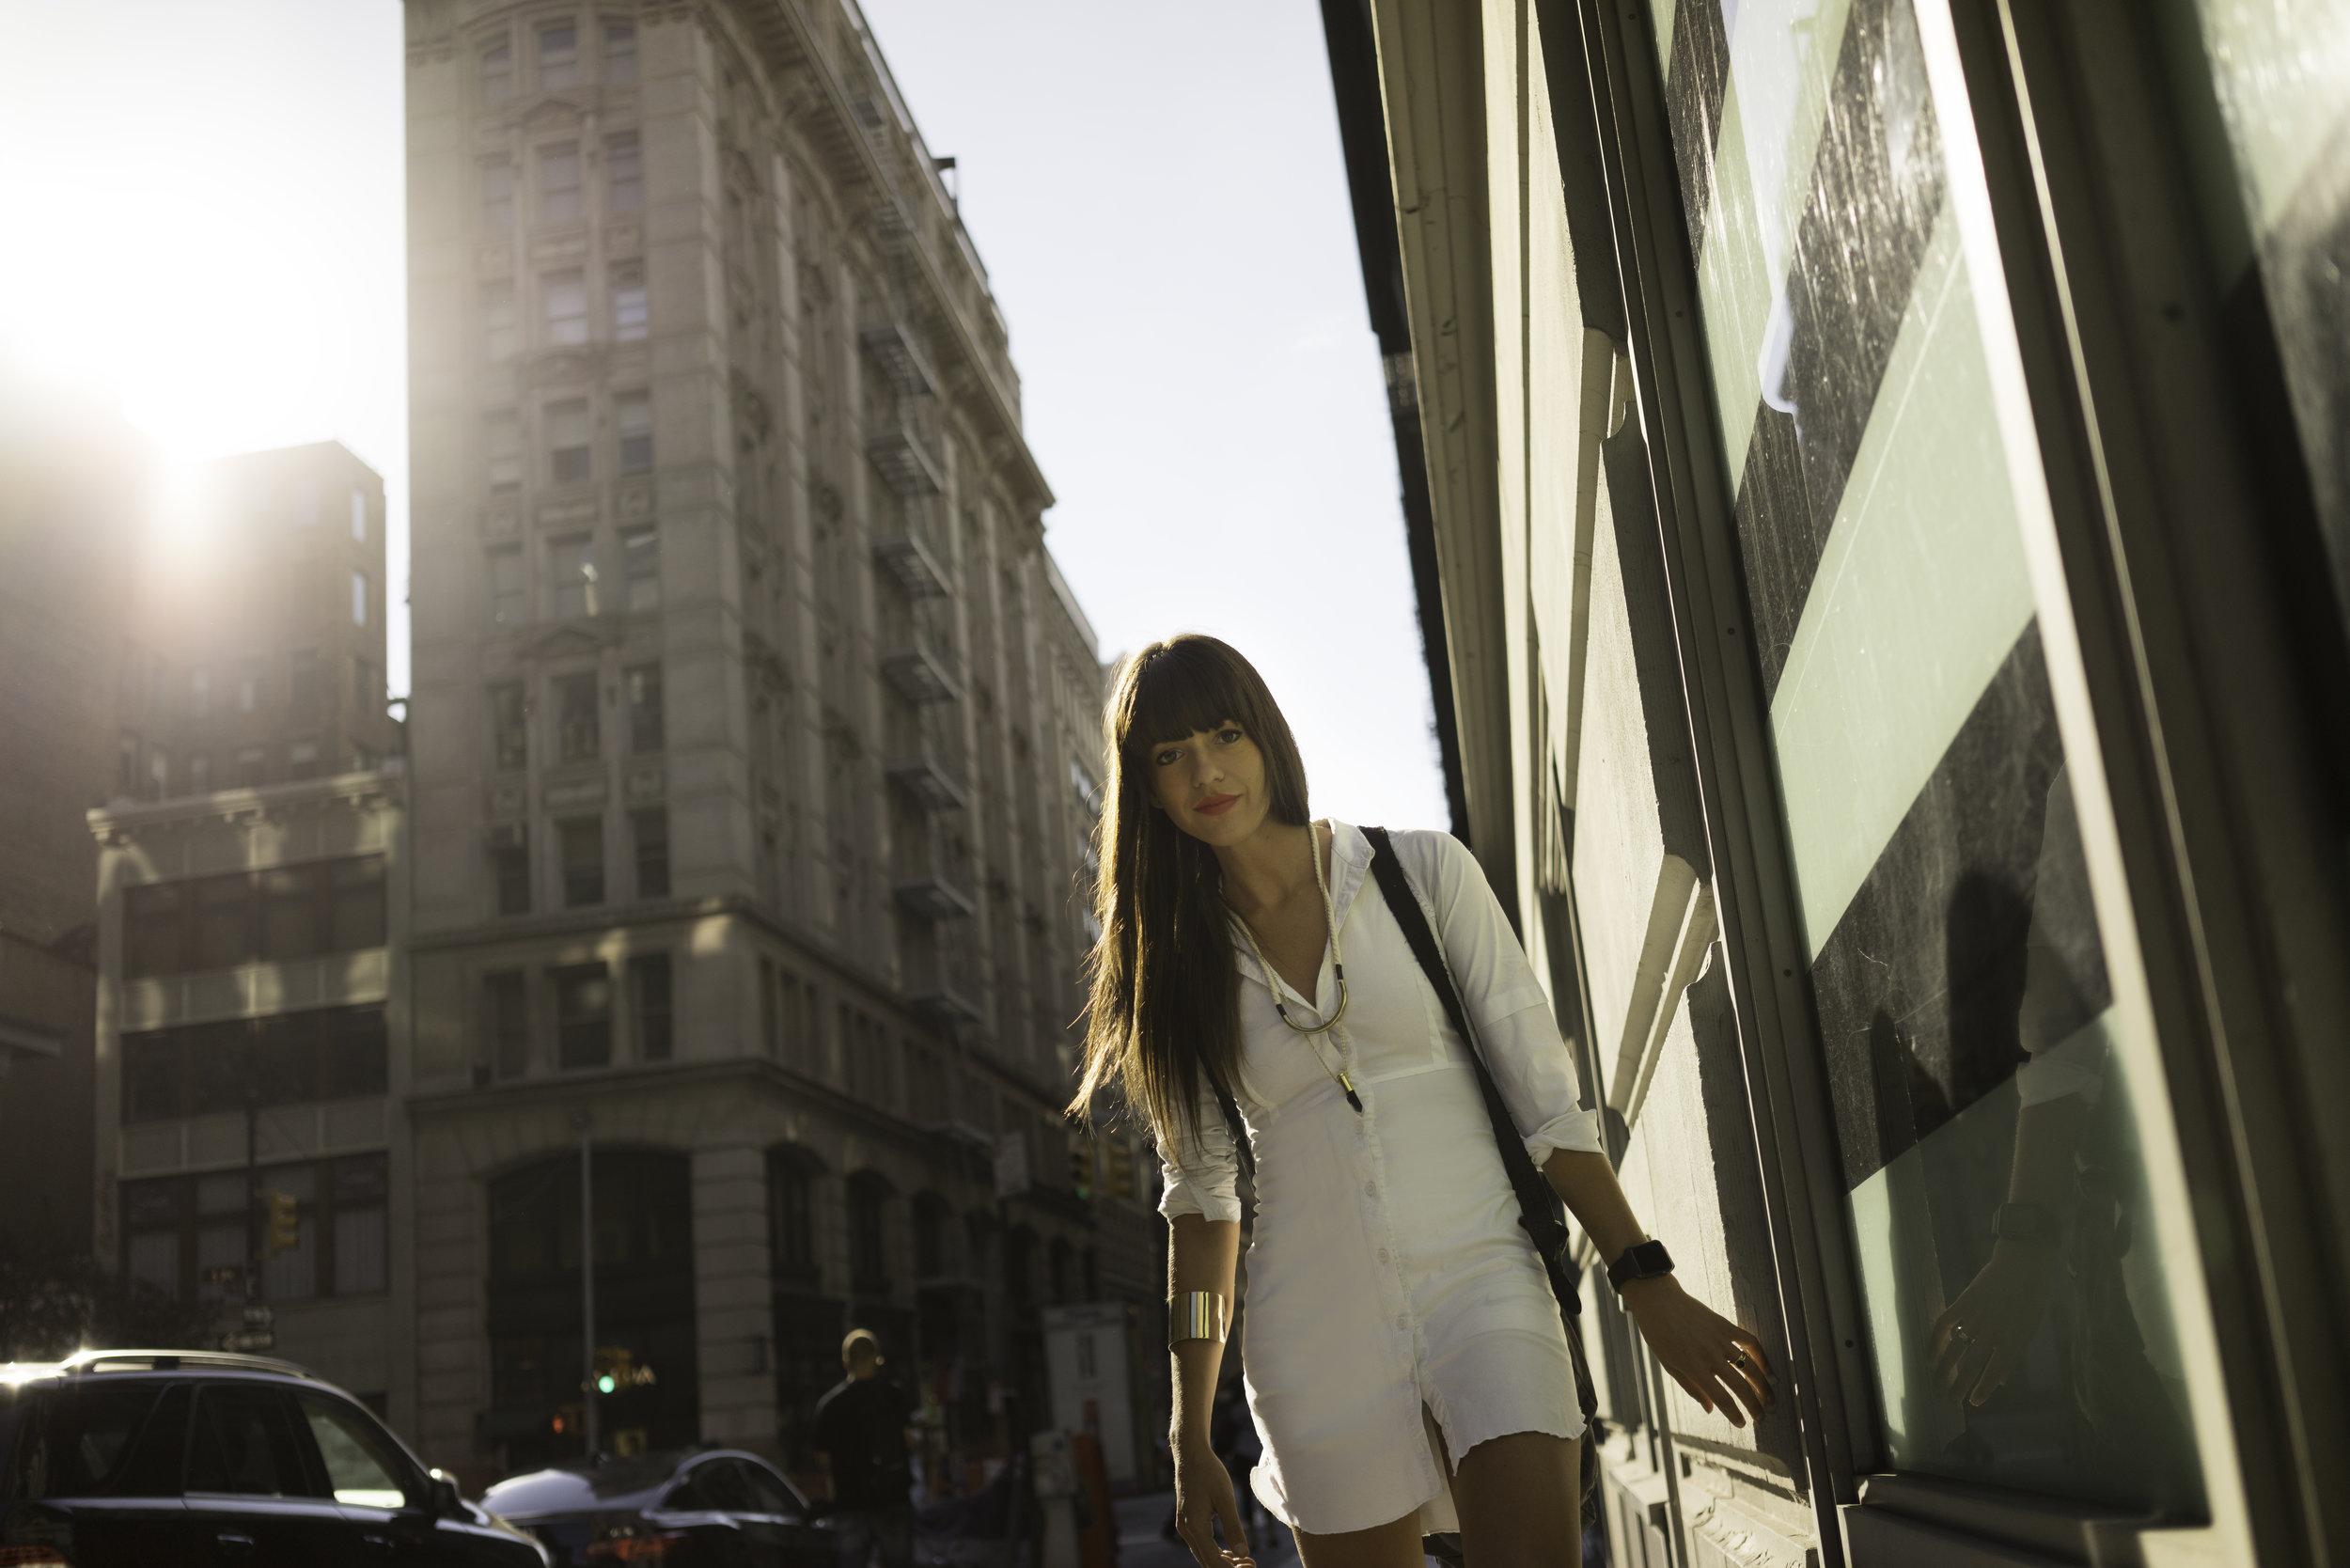 jessica-new-york_21871117640_o.jpg